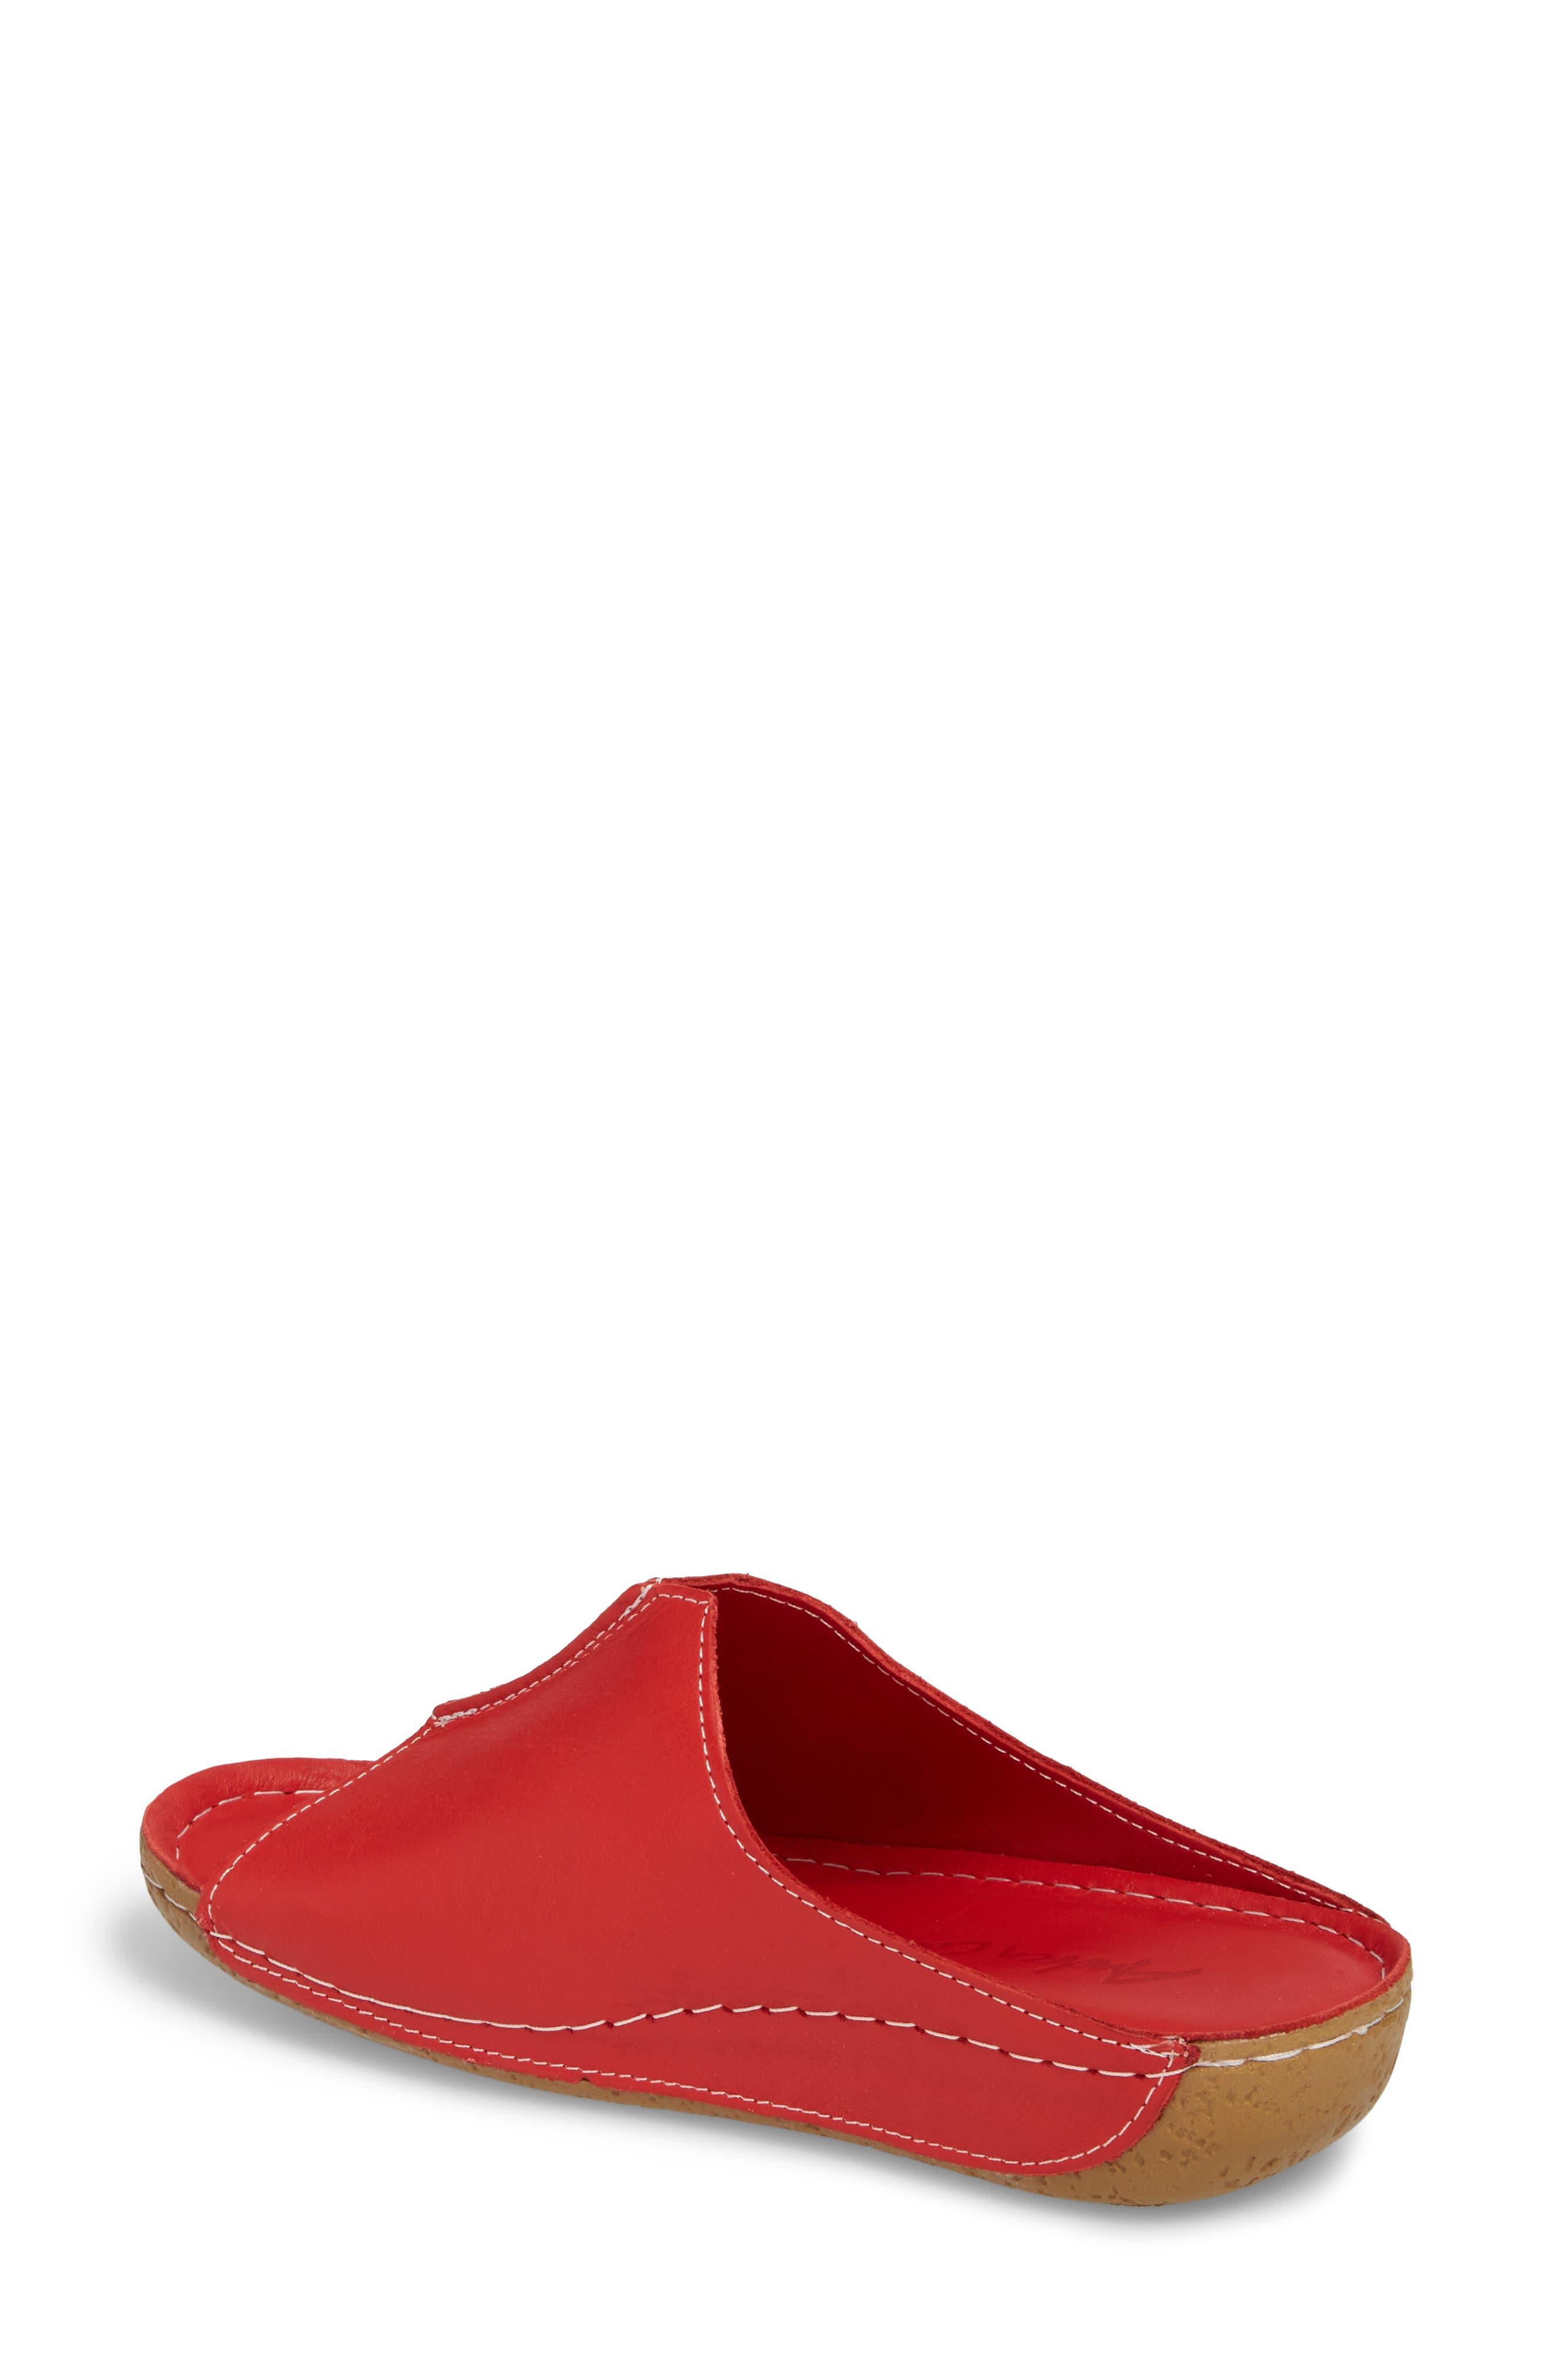 Alexa 3 Slide Sandal,                             Alternate thumbnail 6, color,